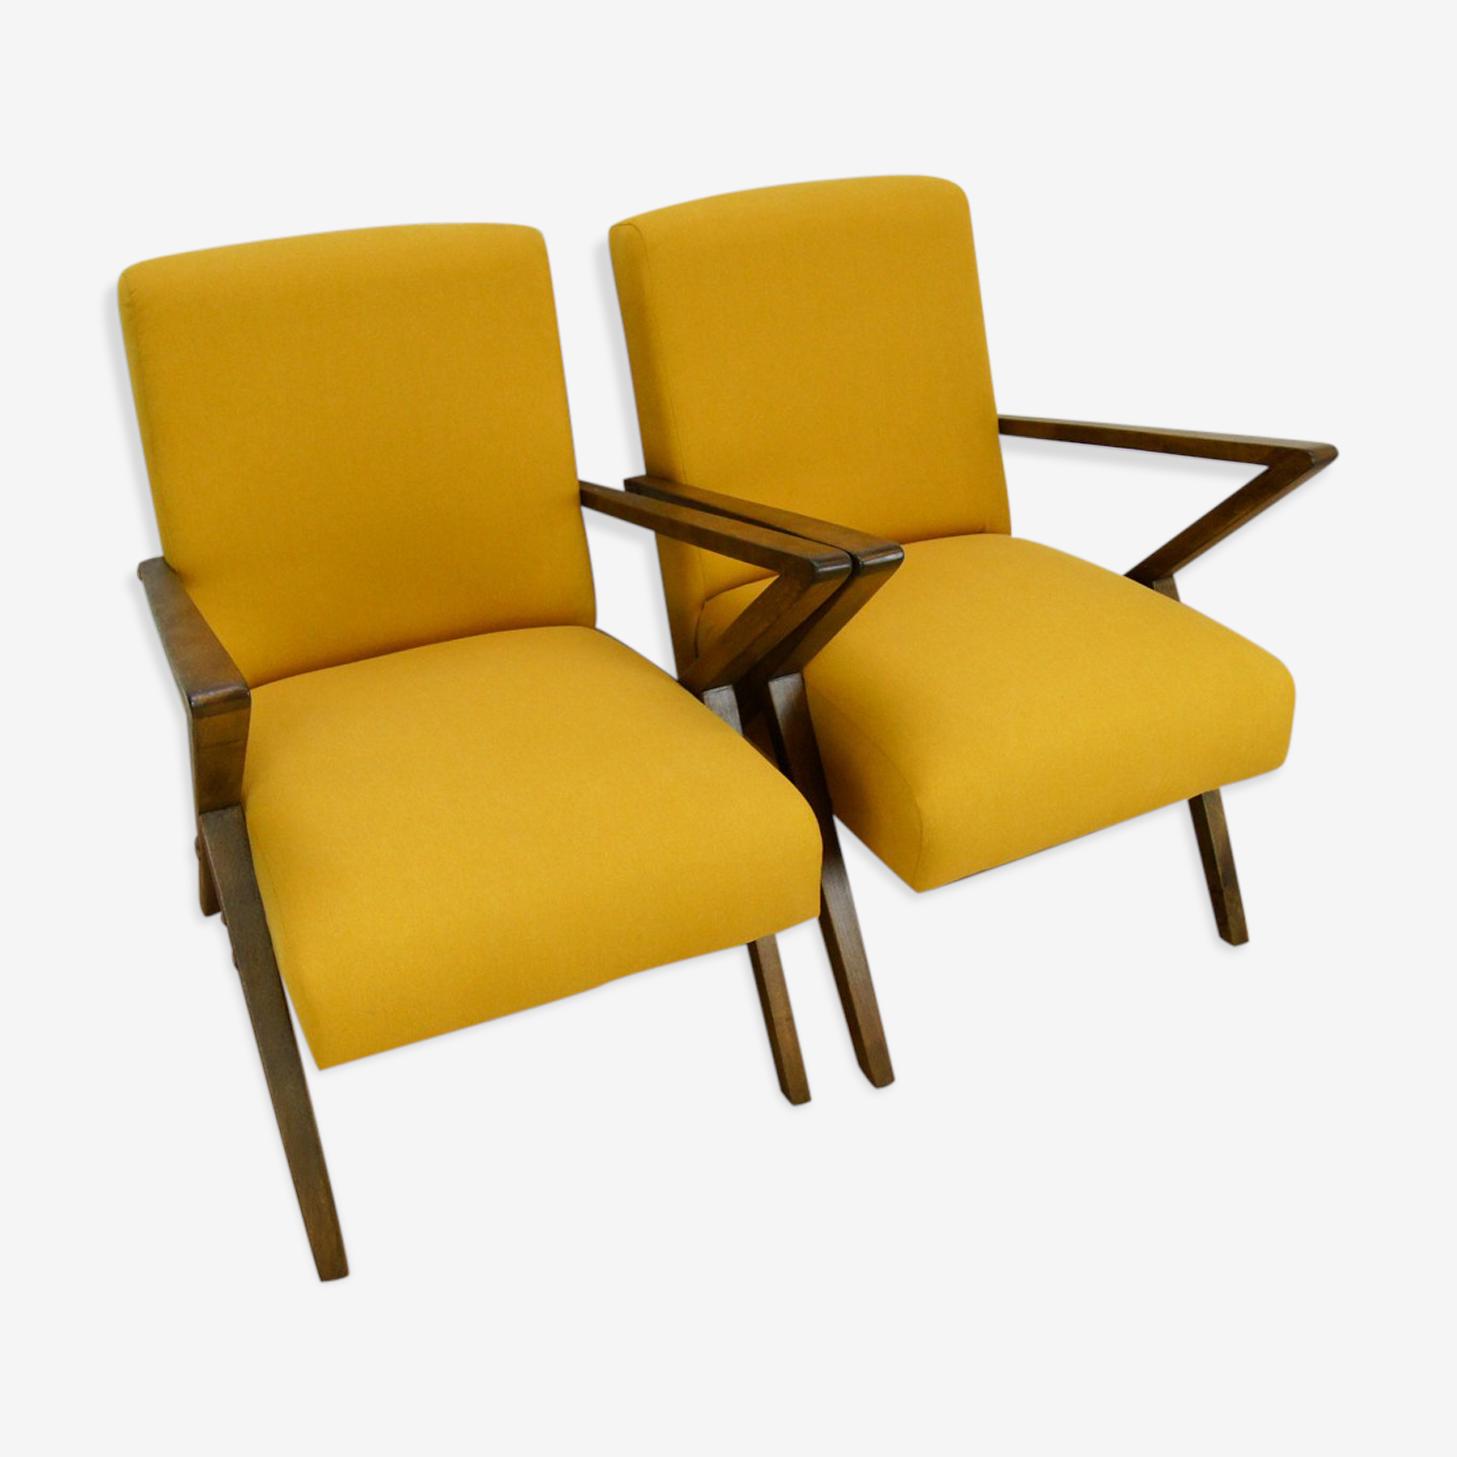 Polish armchairs from Bydgoszcz Cooperative Odnowa 1970